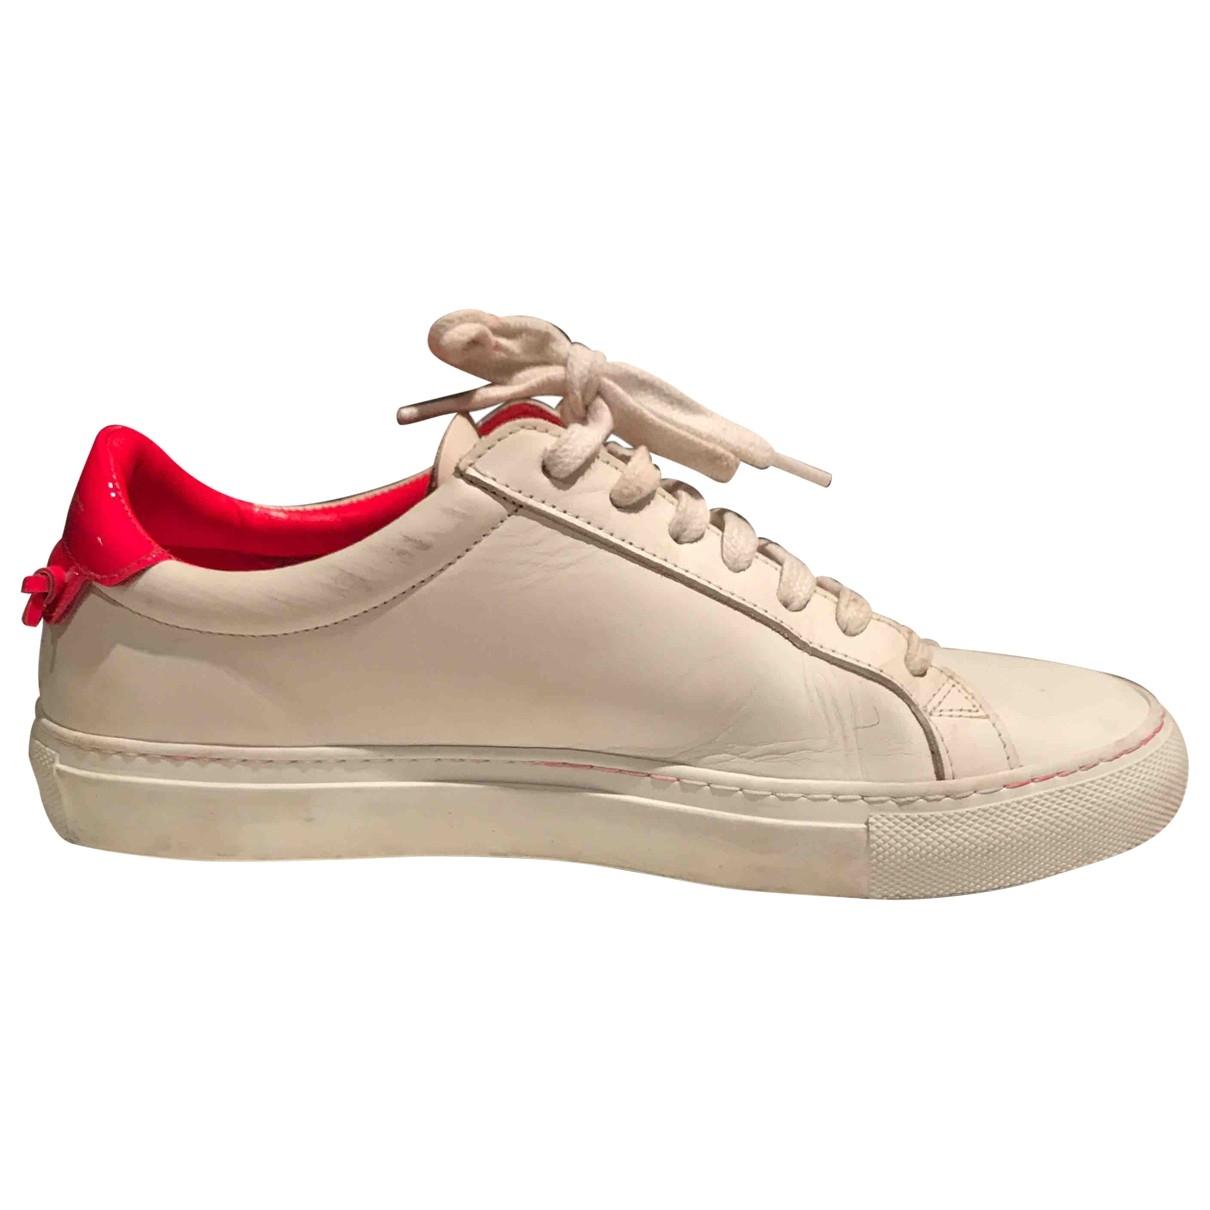 Givenchy - Baskets   pour femme en cuir - blanc